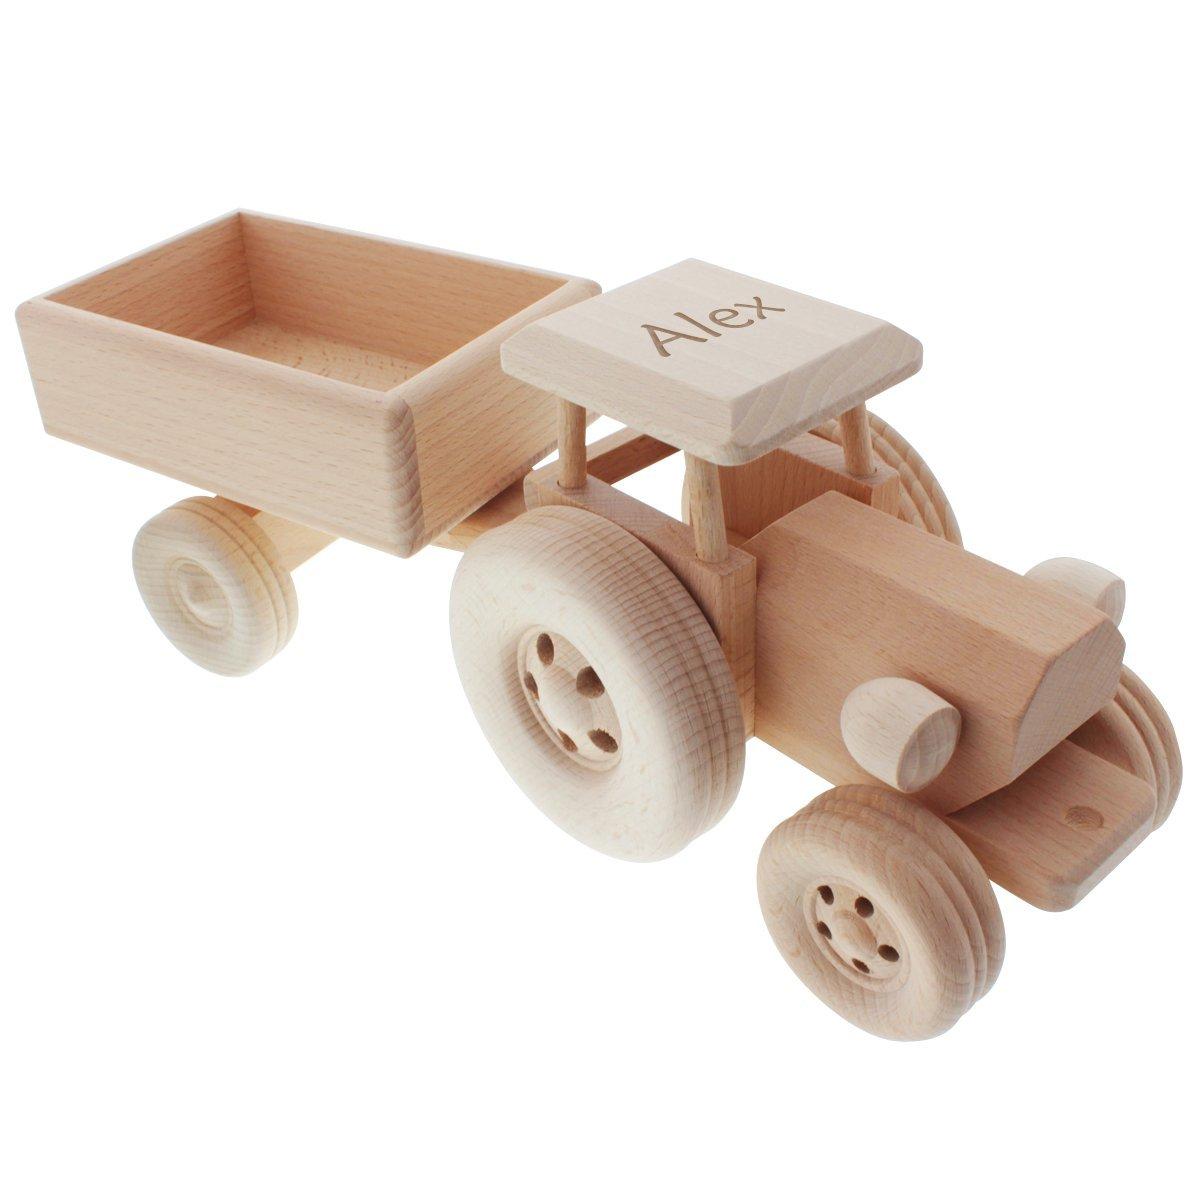 Hochwertiger Spielzeug-Traktor aus heimischem Holz mit Namens-Gravur - Das tolle Geschenk zum Kinder-Geburtstag